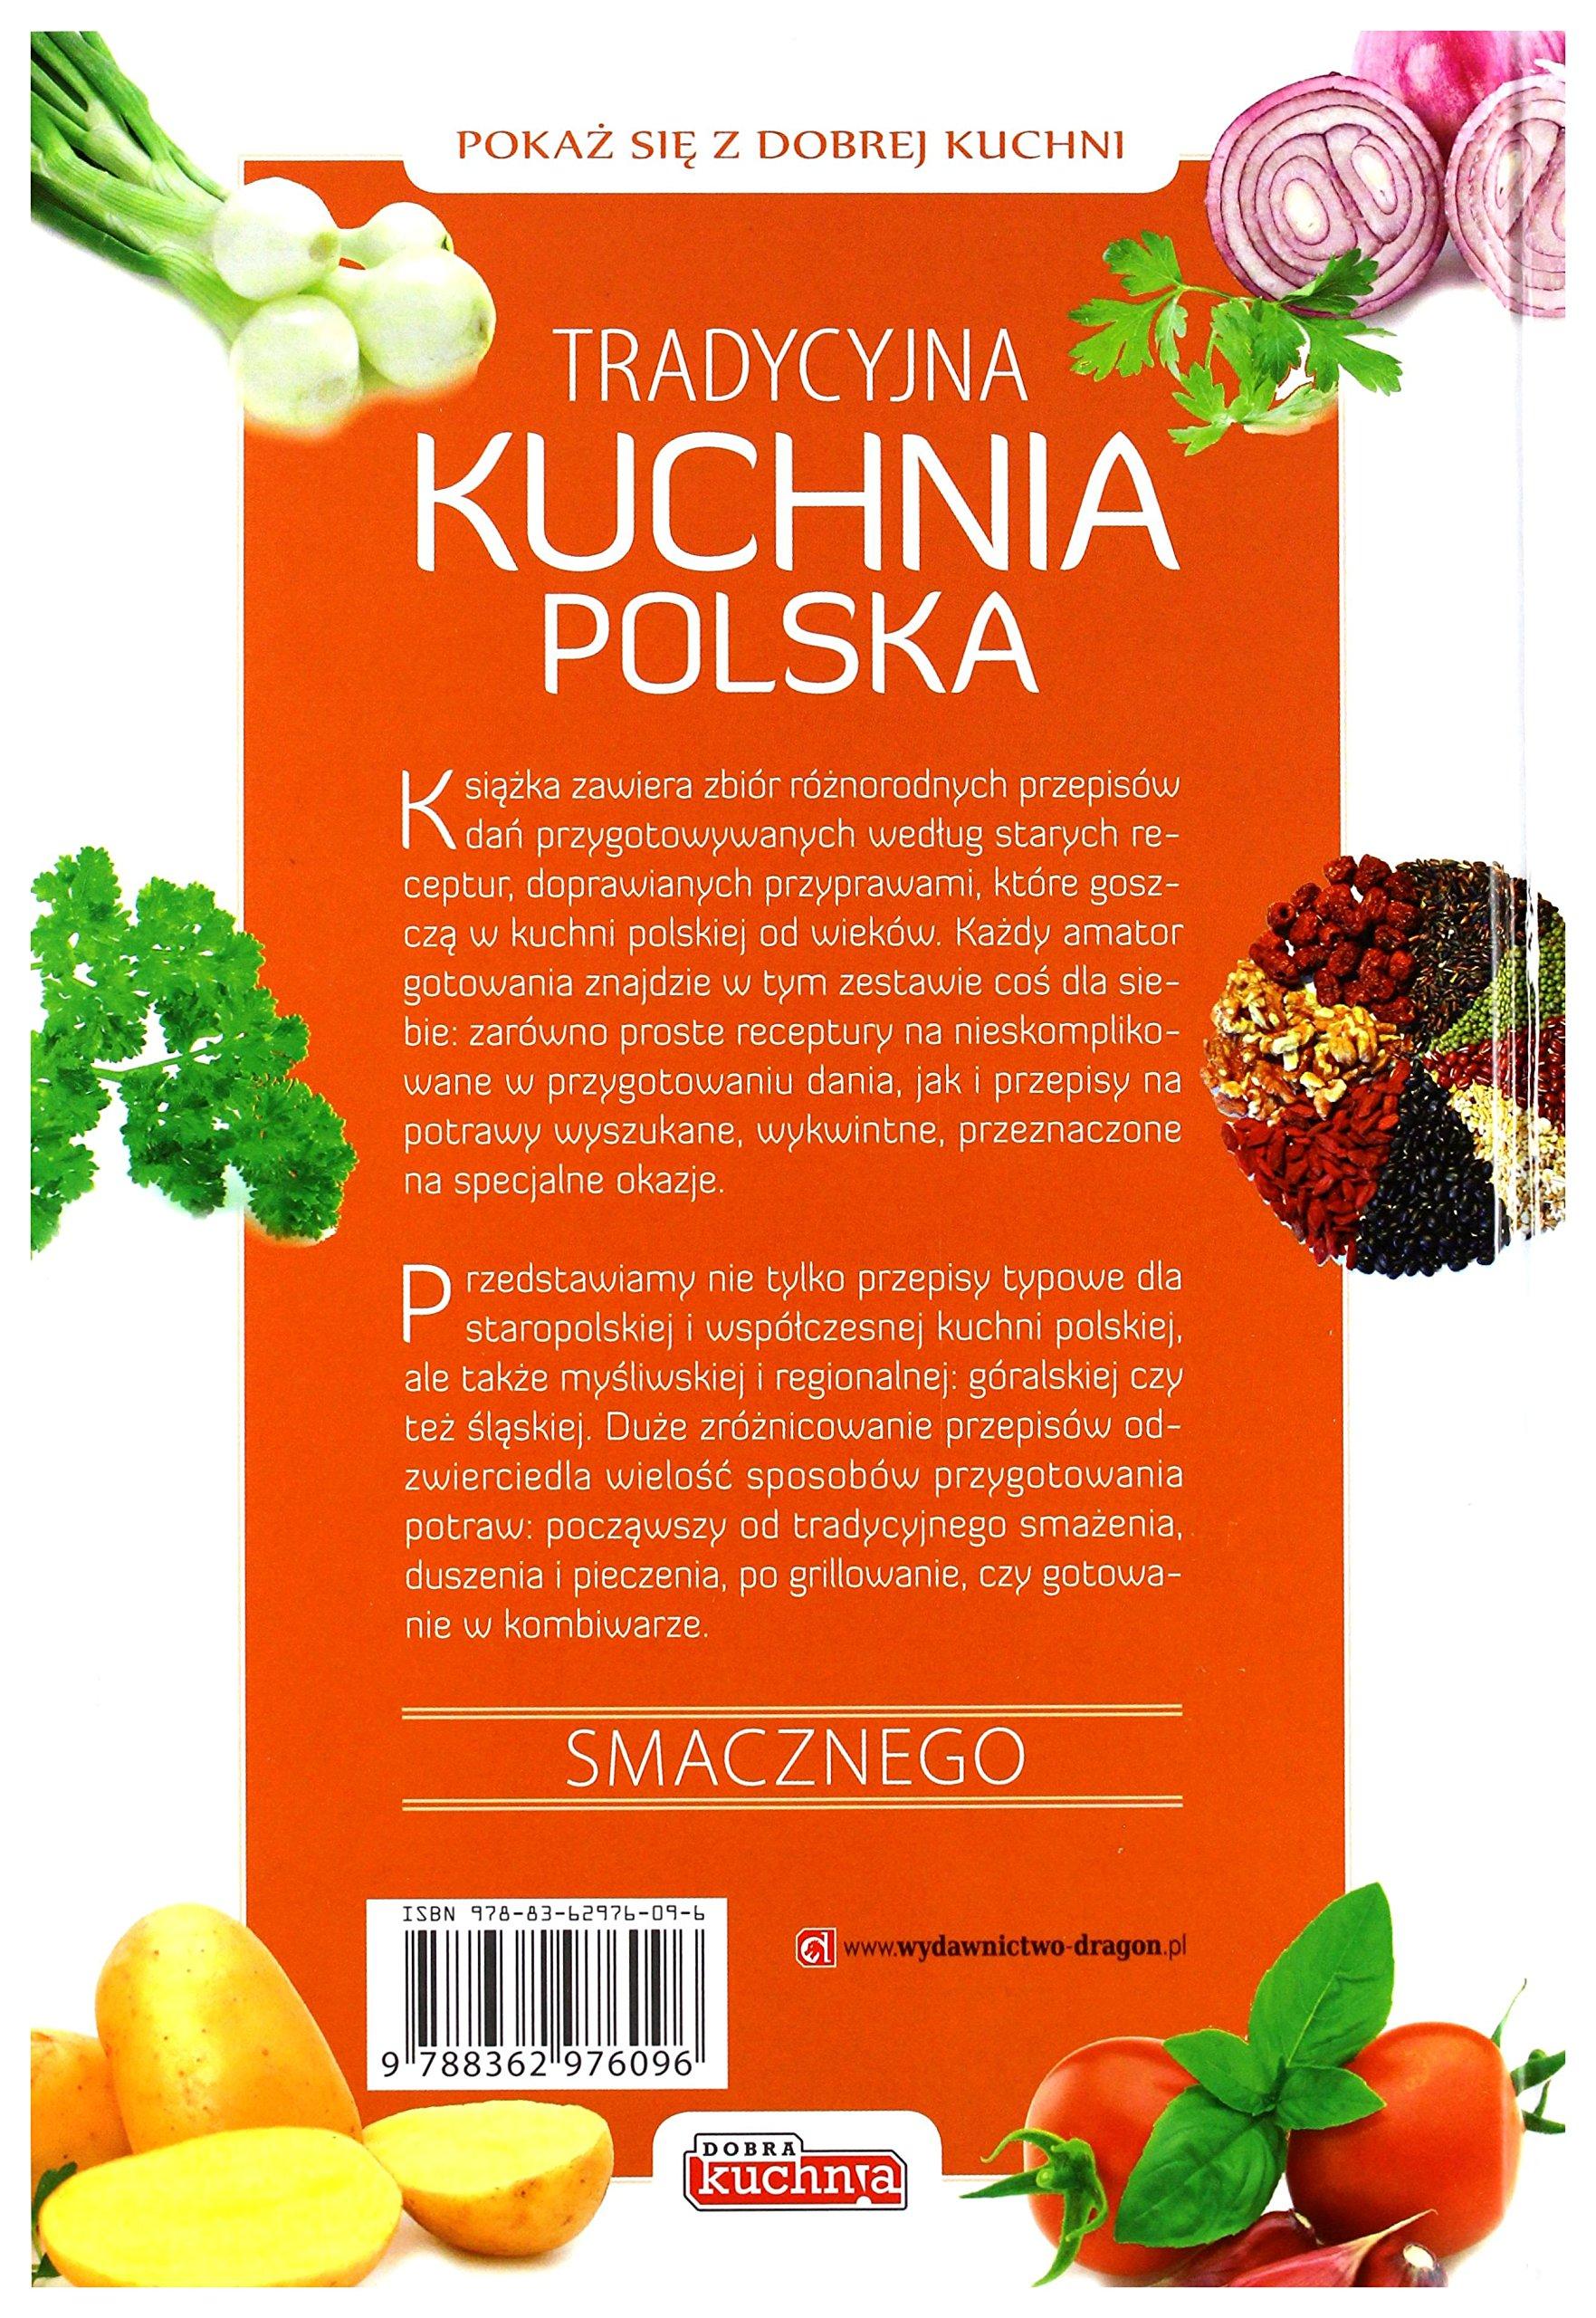 Tradycyjna Kuchnia Polska Praca Zbiorowa 9788362976096 Amazon Com